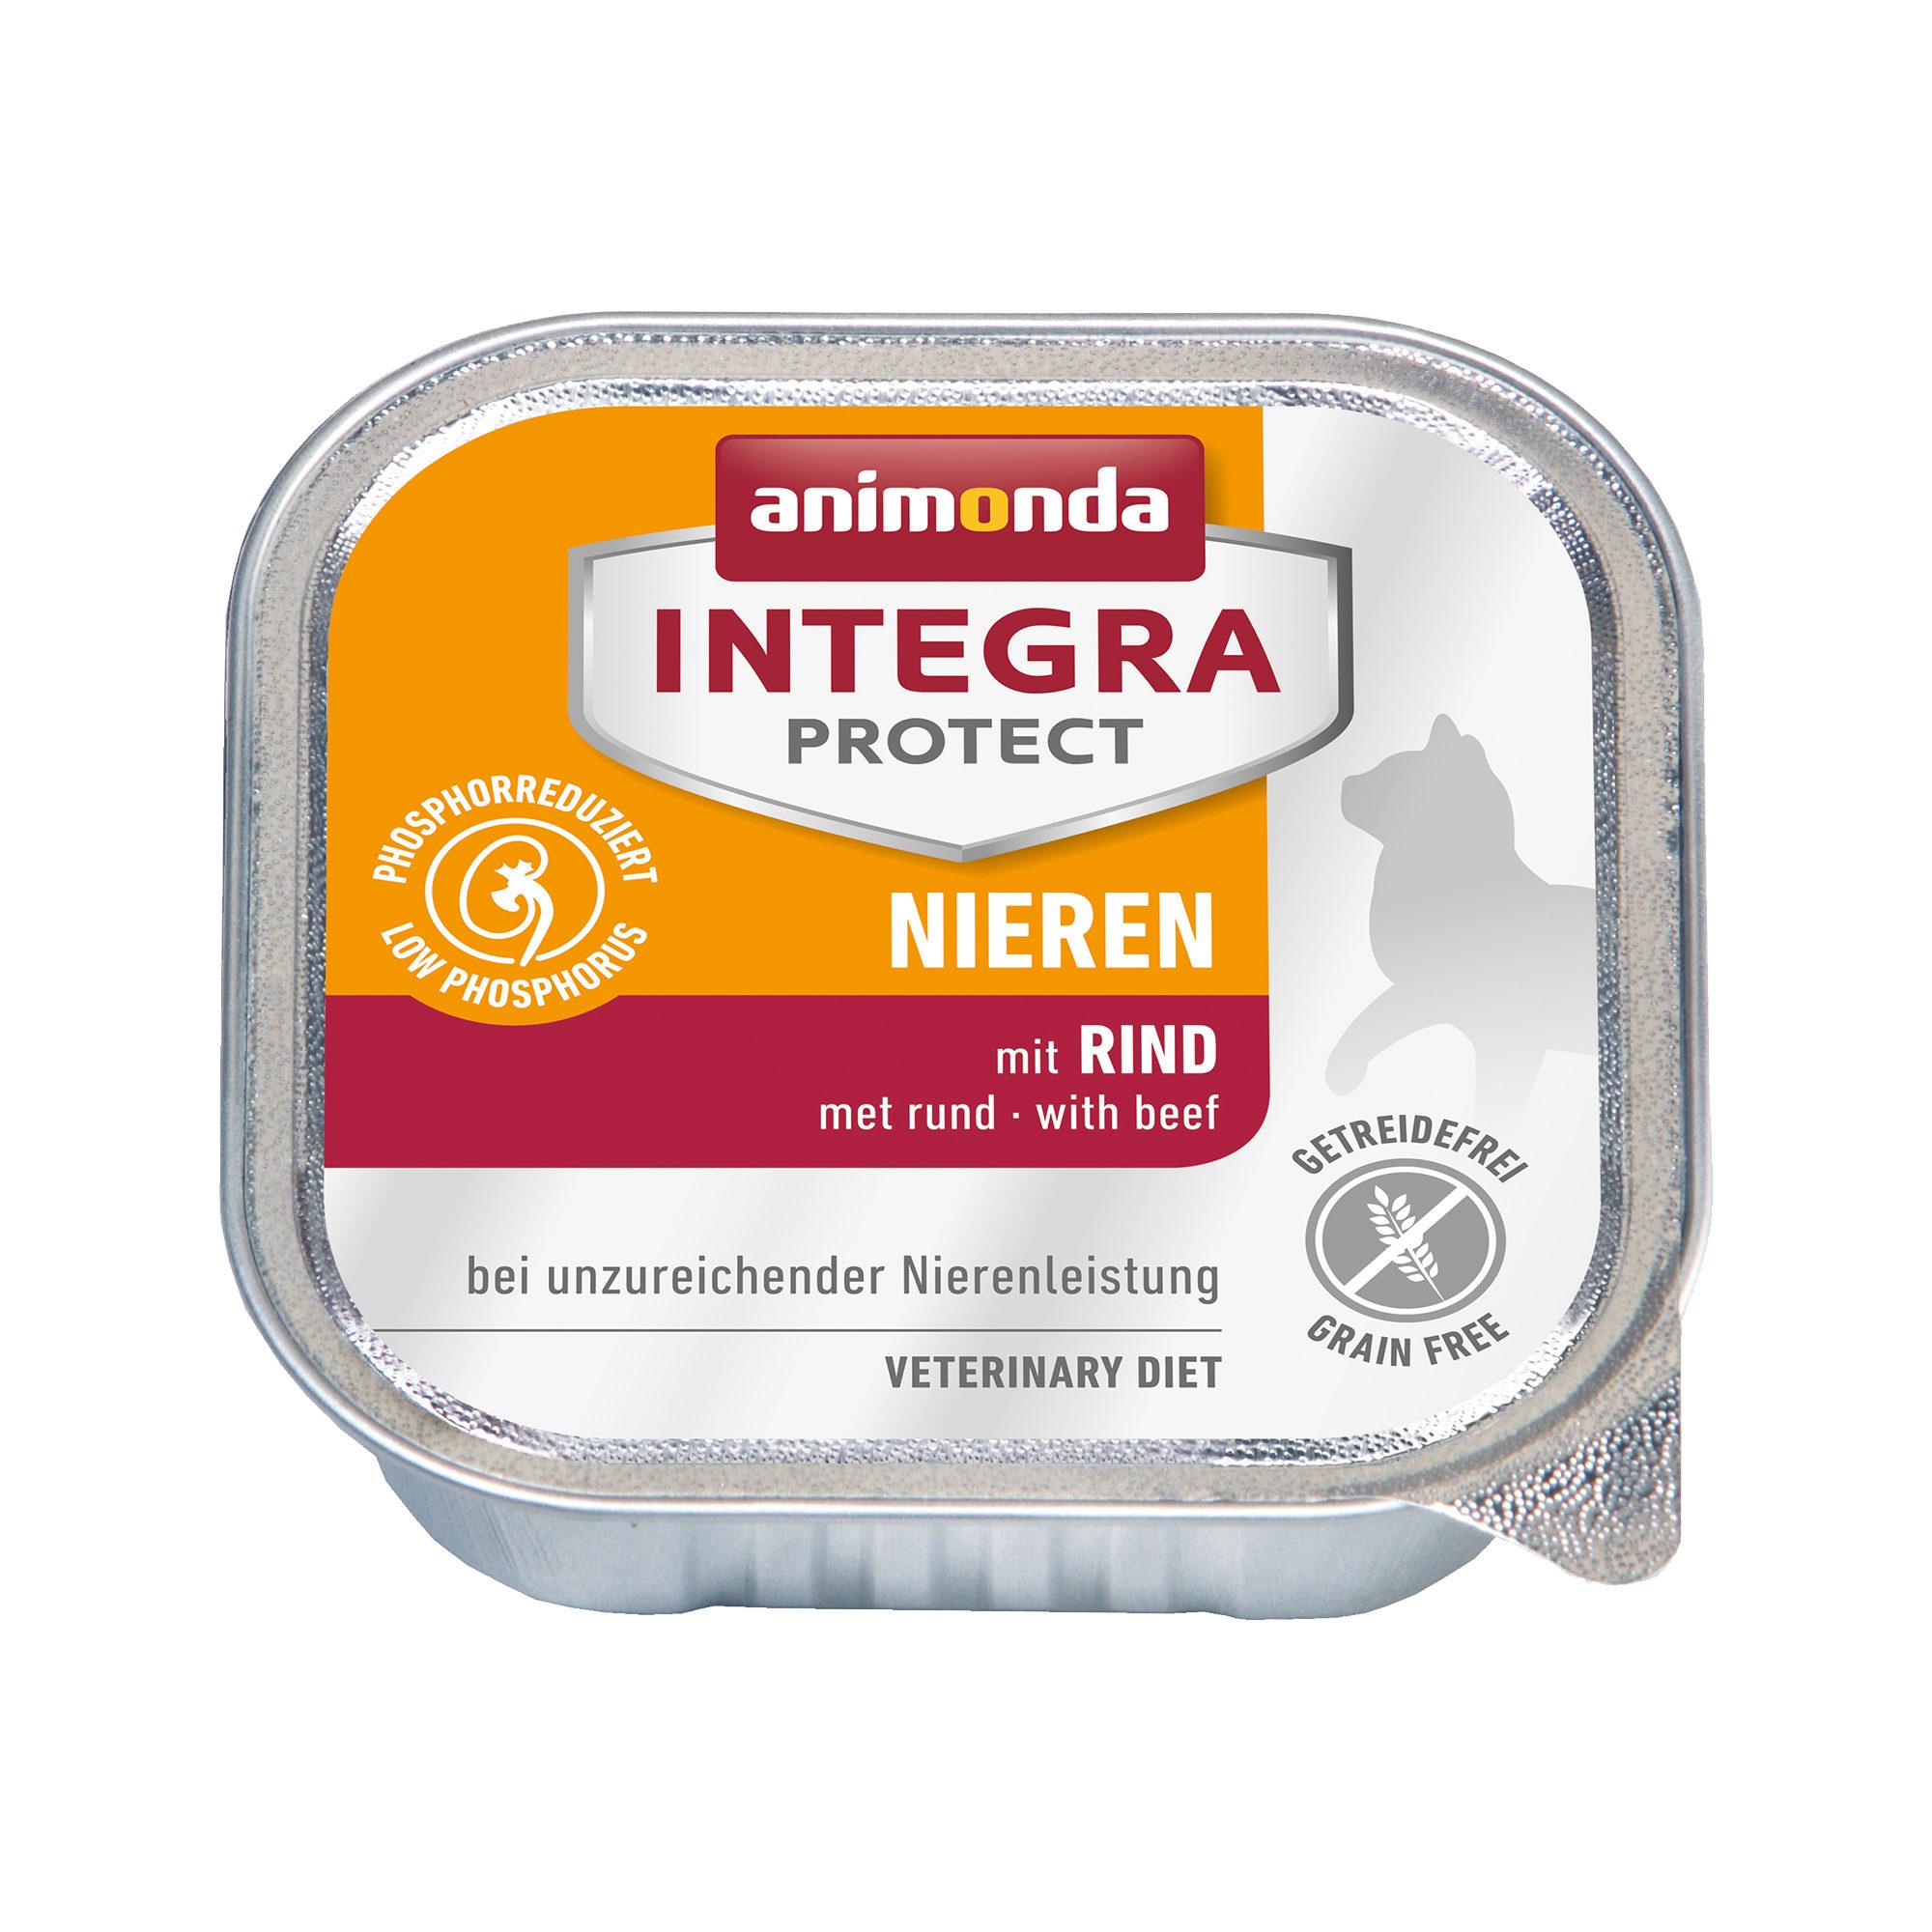 Animonda Integra Protect Nieren Katzenfutter - Schälchen - Rind - 16 x 100 g